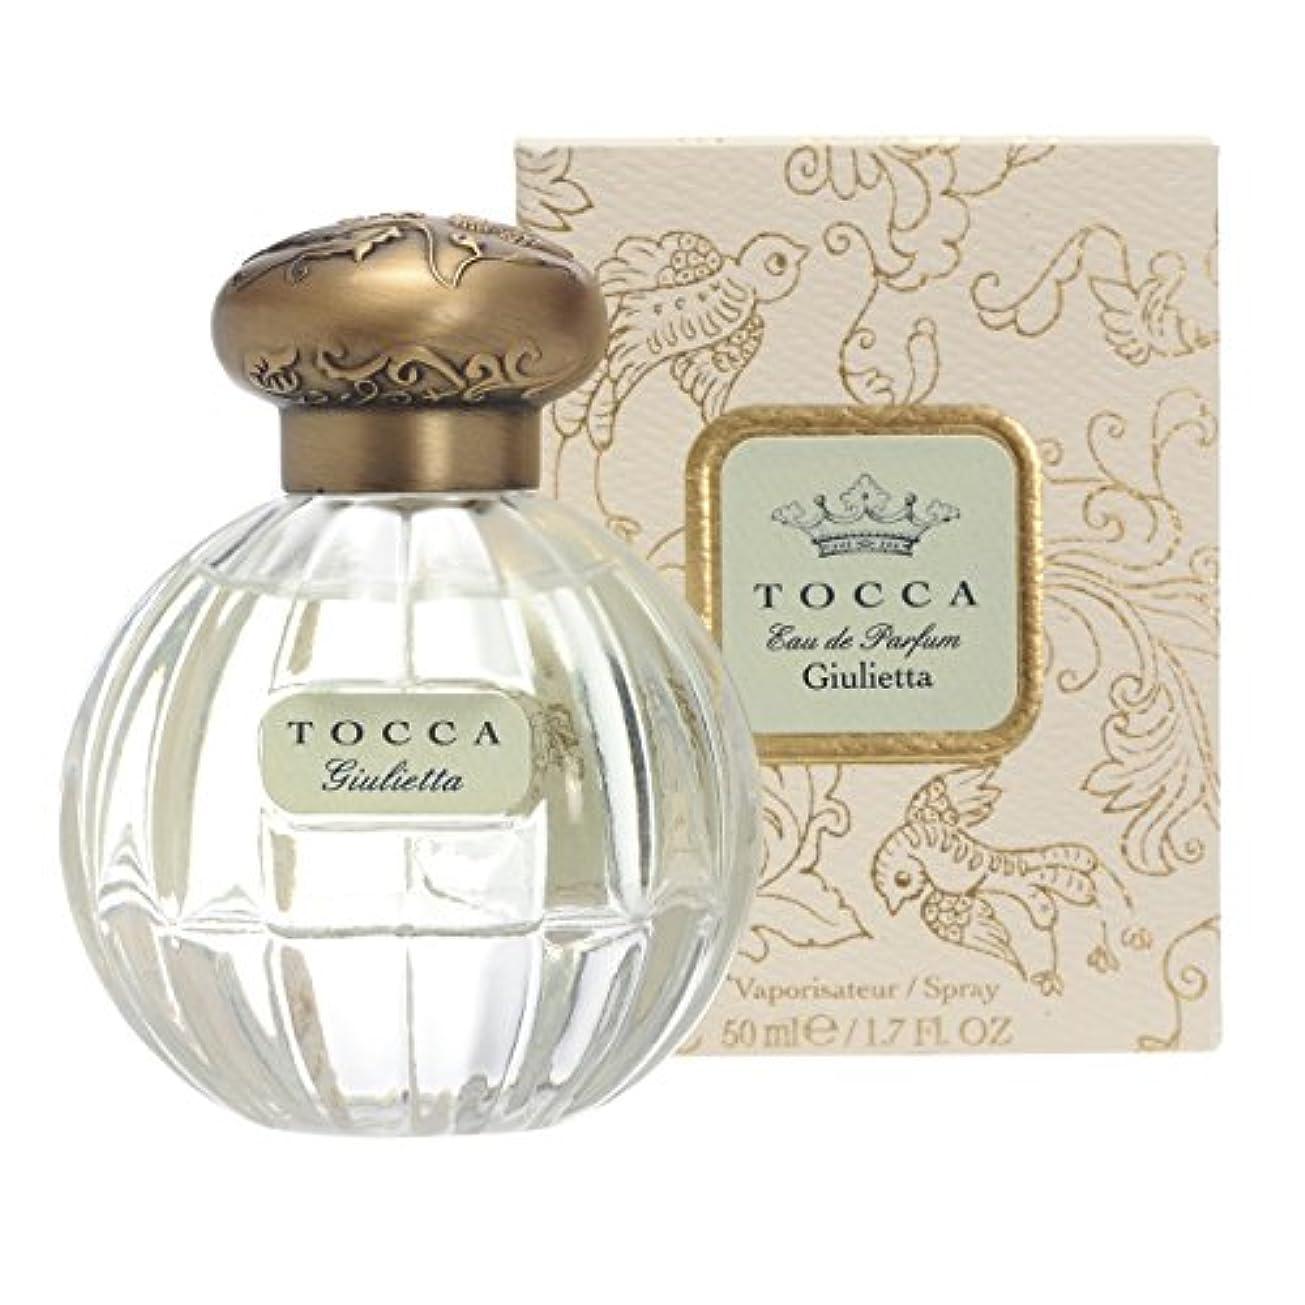 グラフトーンピアーストッカ(TOCCA) オードパルファム ジュリエッタの香り 50ml(香水 映画監督と女優である妻とのラブストーリーを描く、グリーンアップルとチューリップの甘く優美な香り)